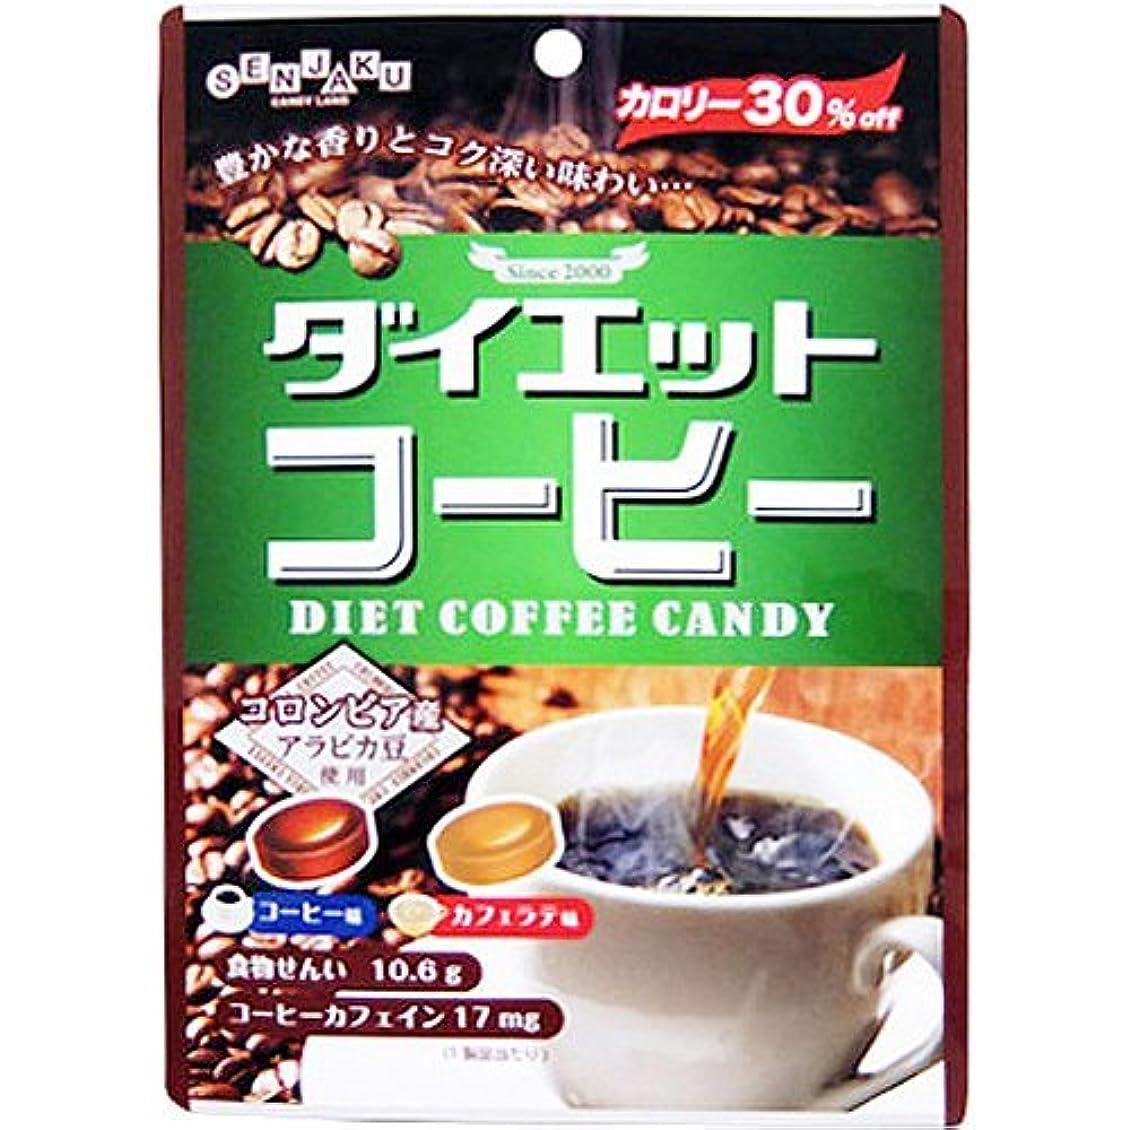 悔い改める整然とした鉄道駅扇雀飴本舗 ダイエットコーヒー 80g